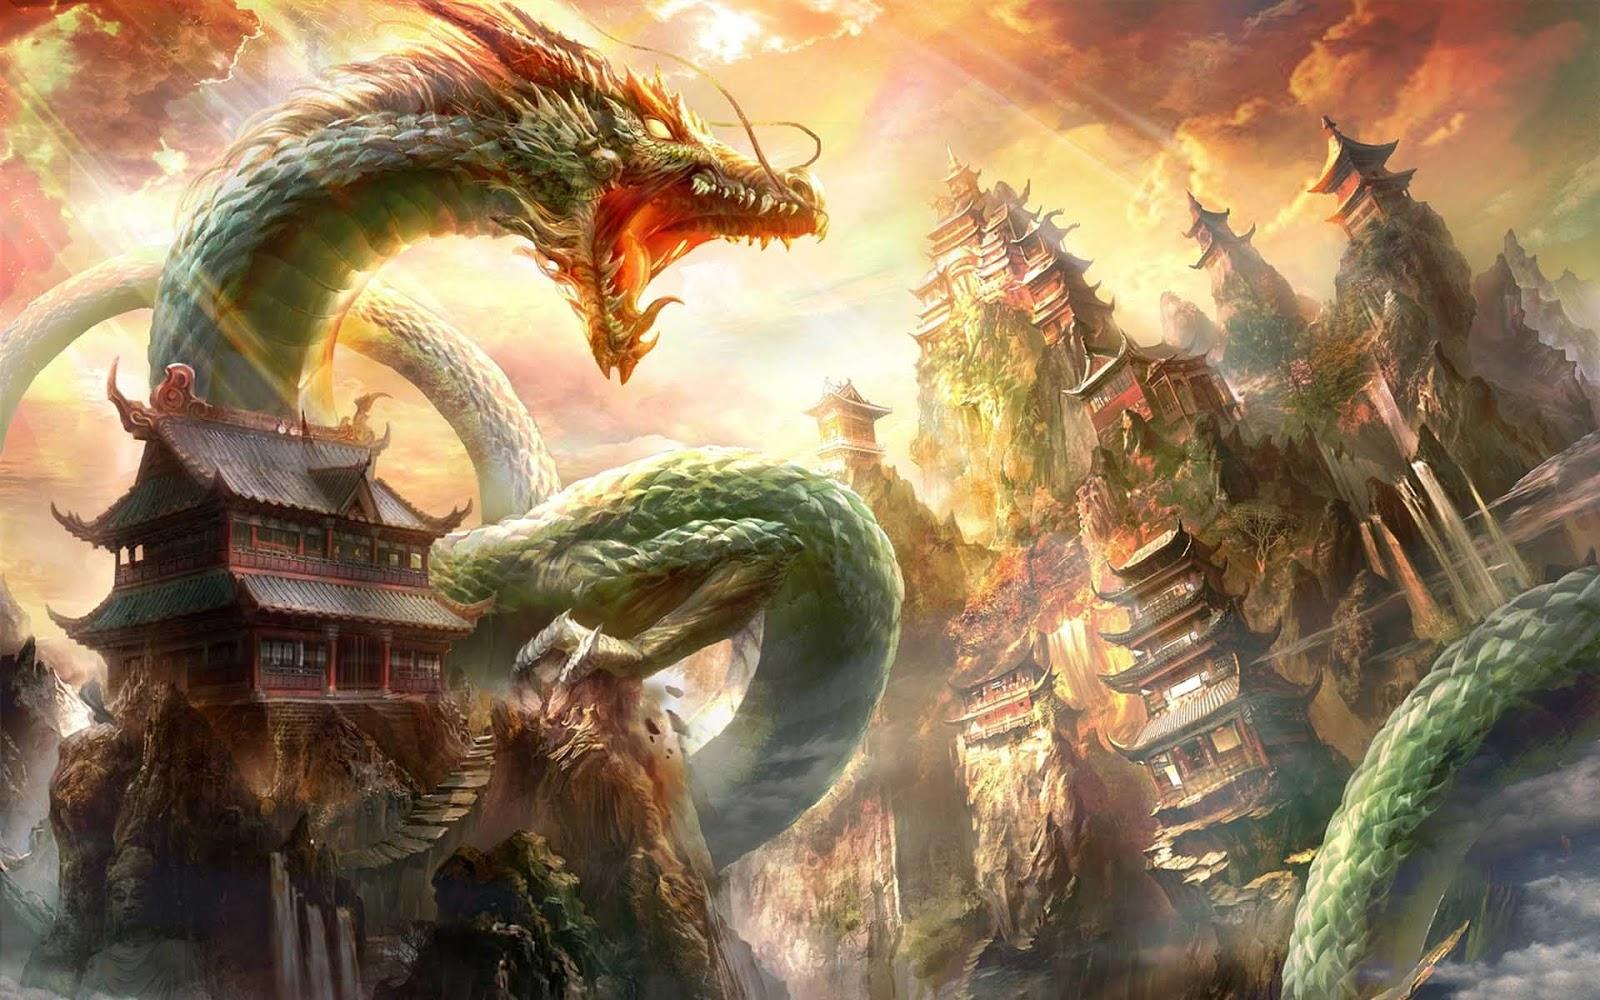 Nếu bạn cũng thích sự mạnh mẽ và oai hùng của loài rồng, thì đừng bỏ lỡ bộ sưu tập hình ảnh đẹp nhất, độc nhất và chất lượng full HD nét ...